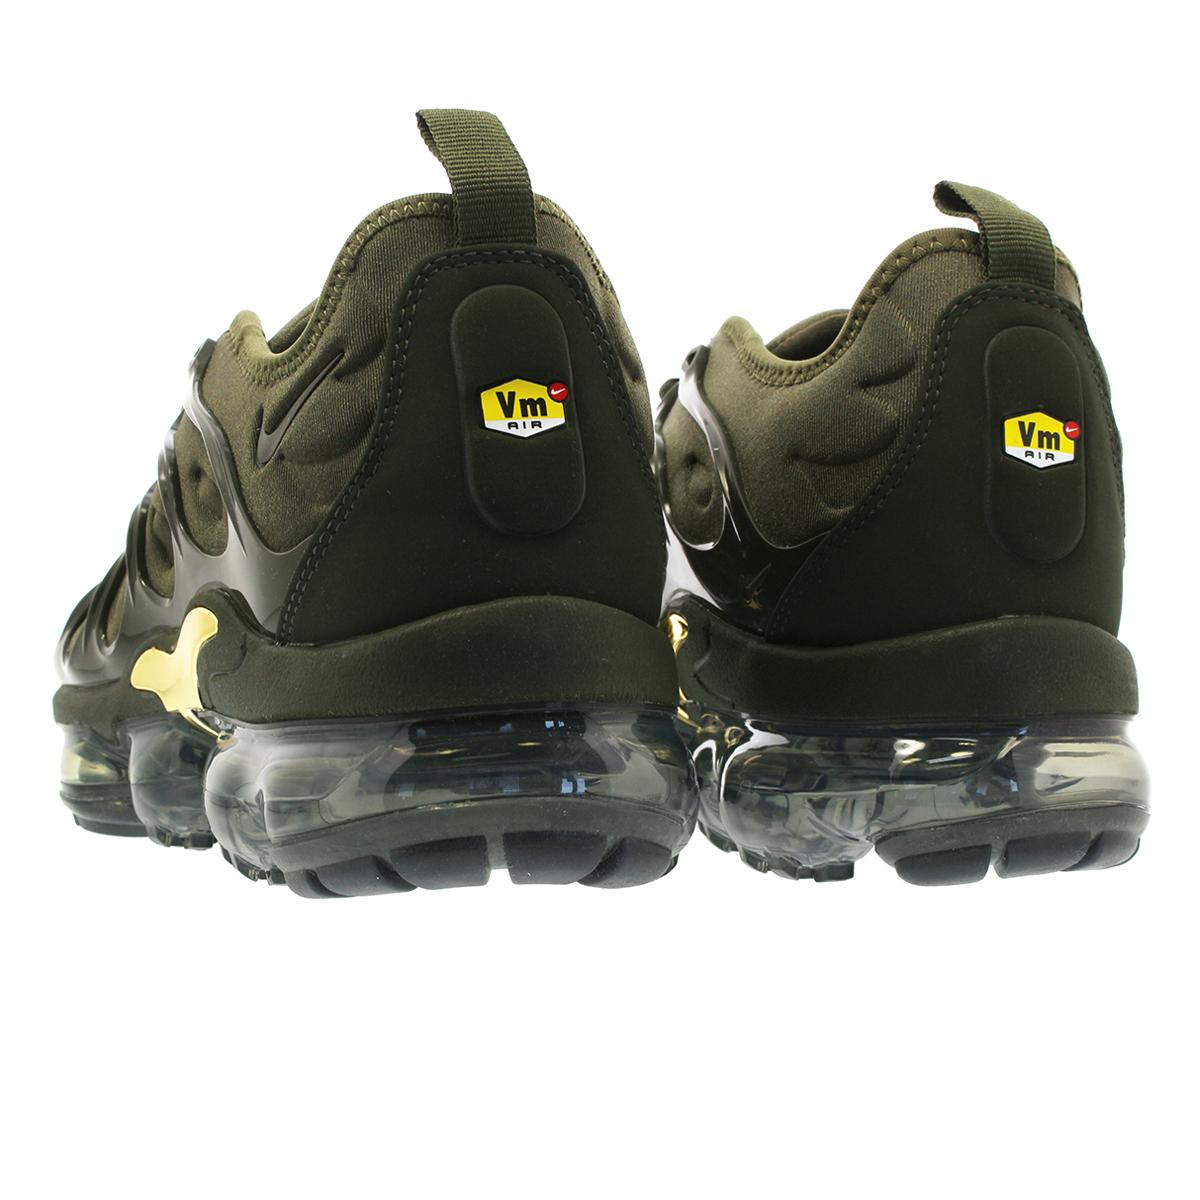 NIKE AIR VAPORMAX PLUS Nike vapor max plus CARGO KHAKI/SEQUOIA/CLAY GREEN